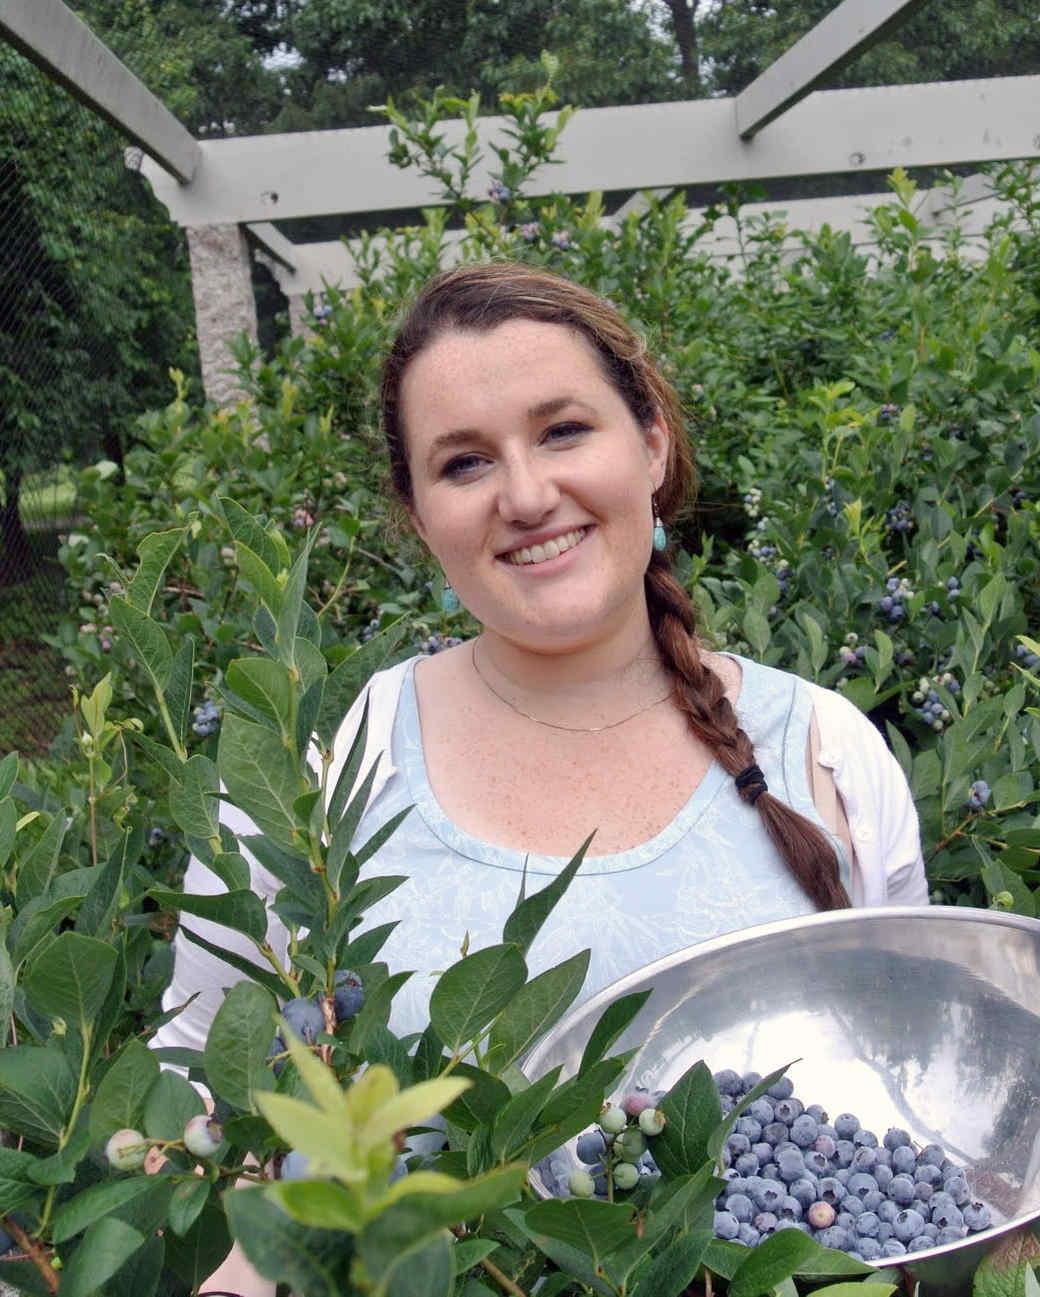 picking-blueberries-23.jpg